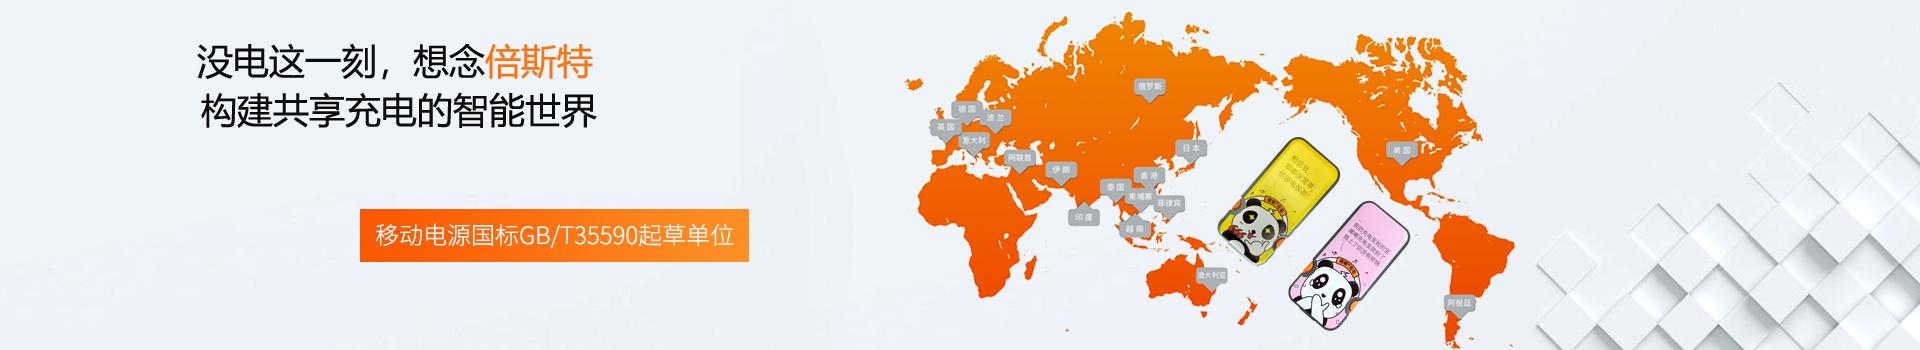 用共享物联网改变世界-倍斯特